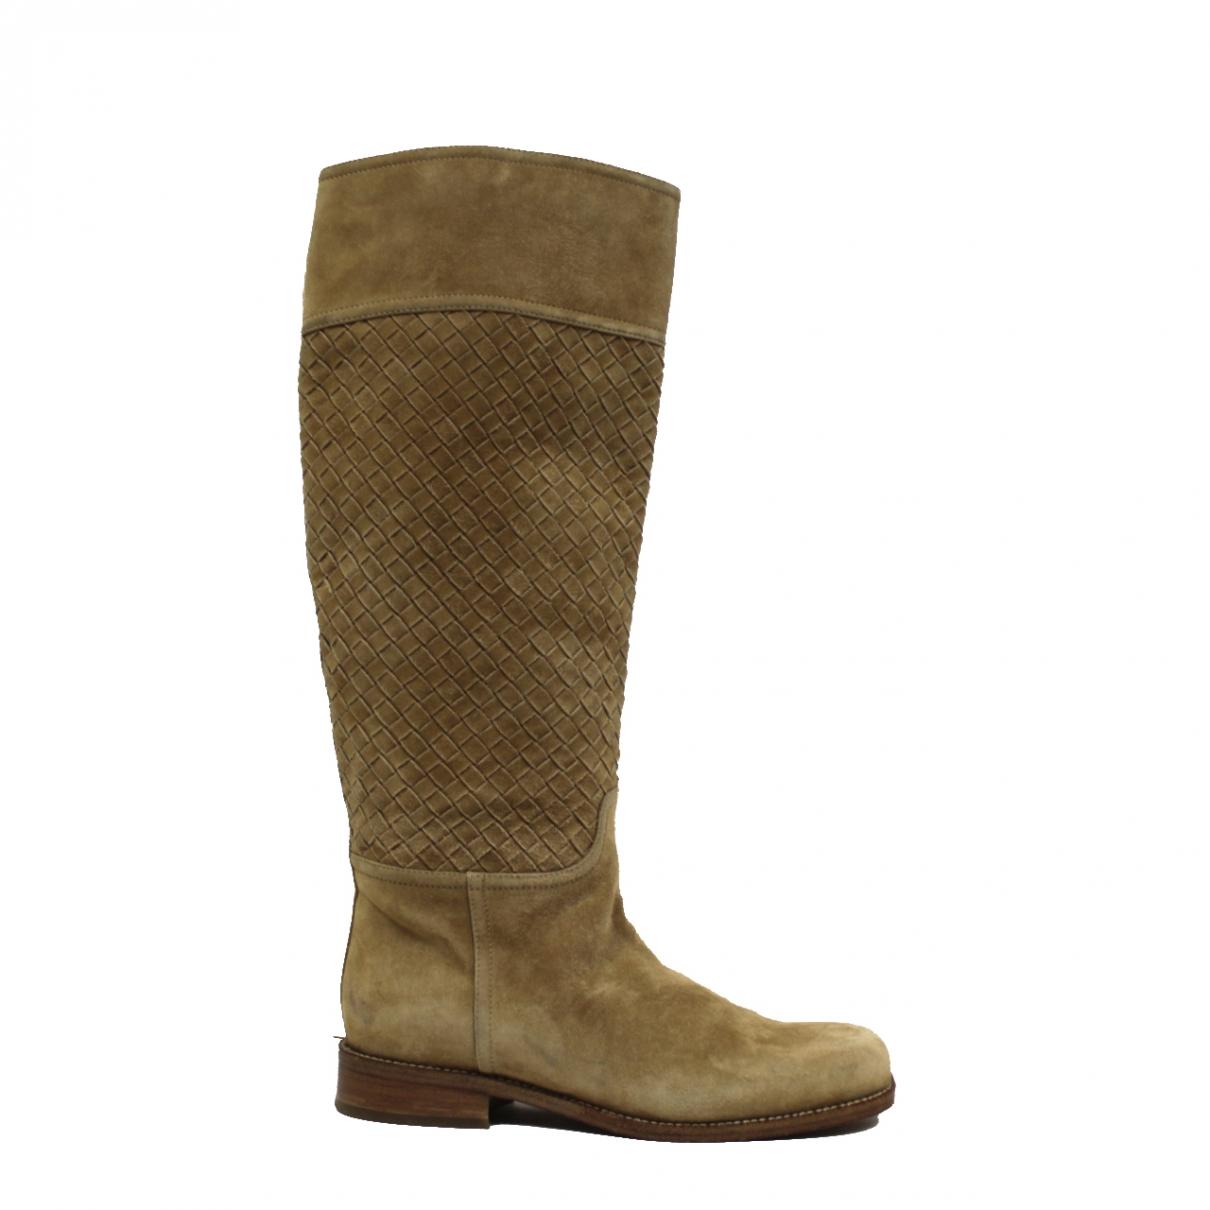 Bottega Veneta \N Brown Suede Boots for Women 36 EU